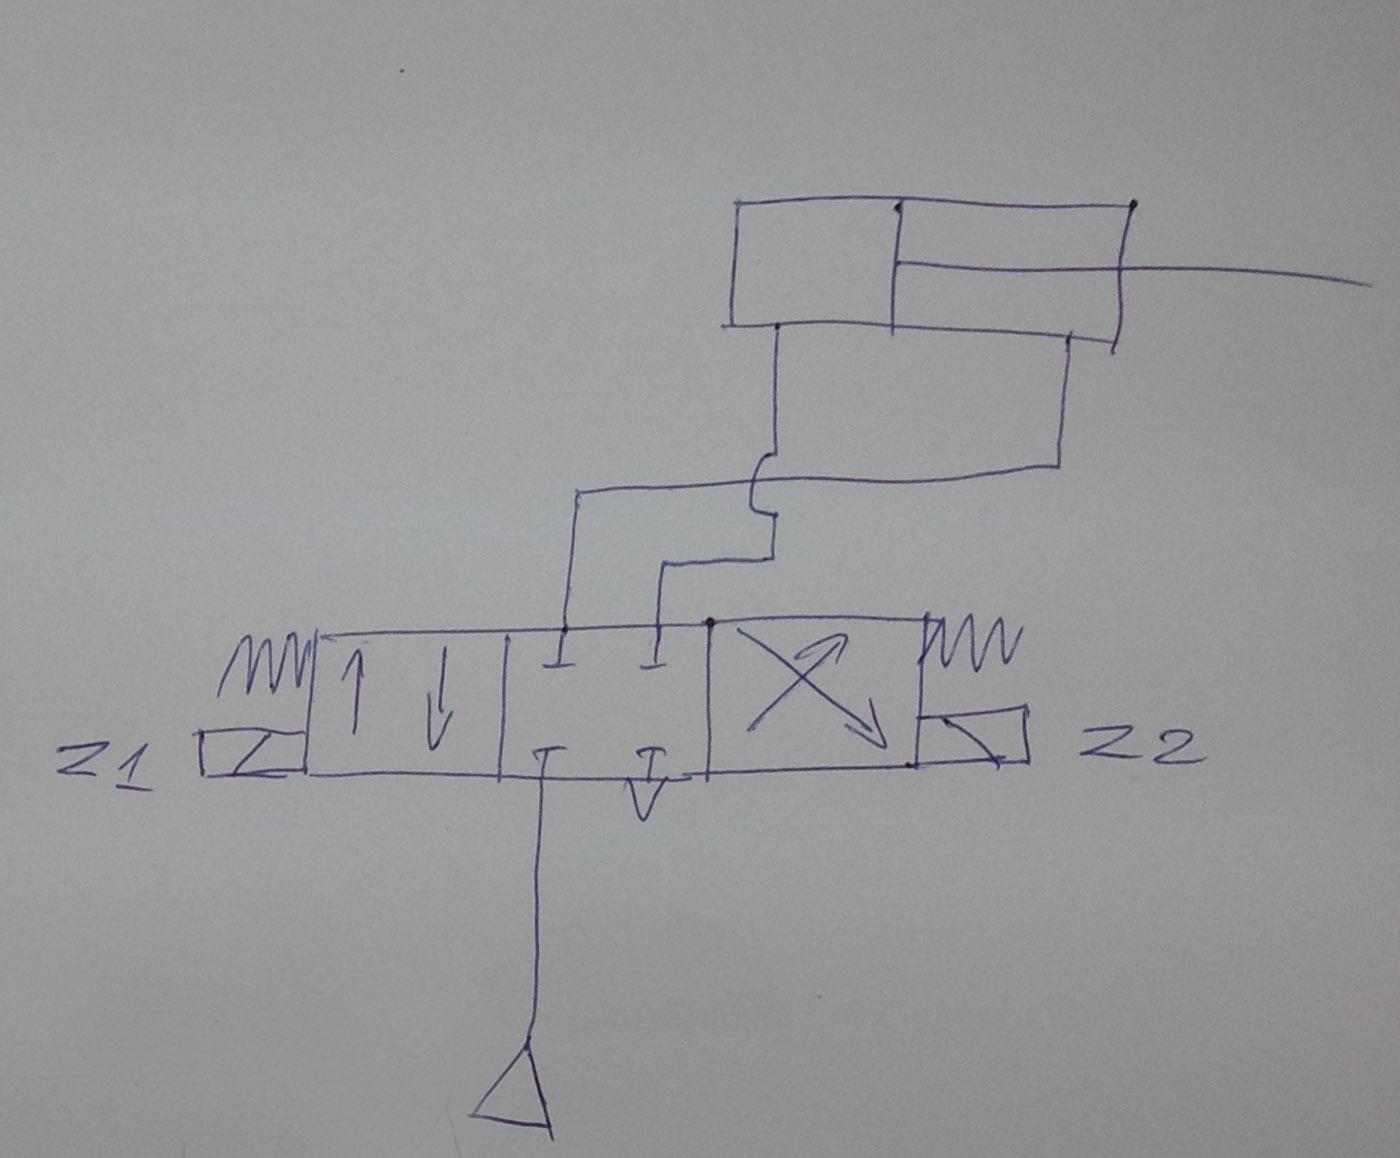 uk�ad z rozdzielaczem 4/3 sterowanym cewk� elektromagnesu